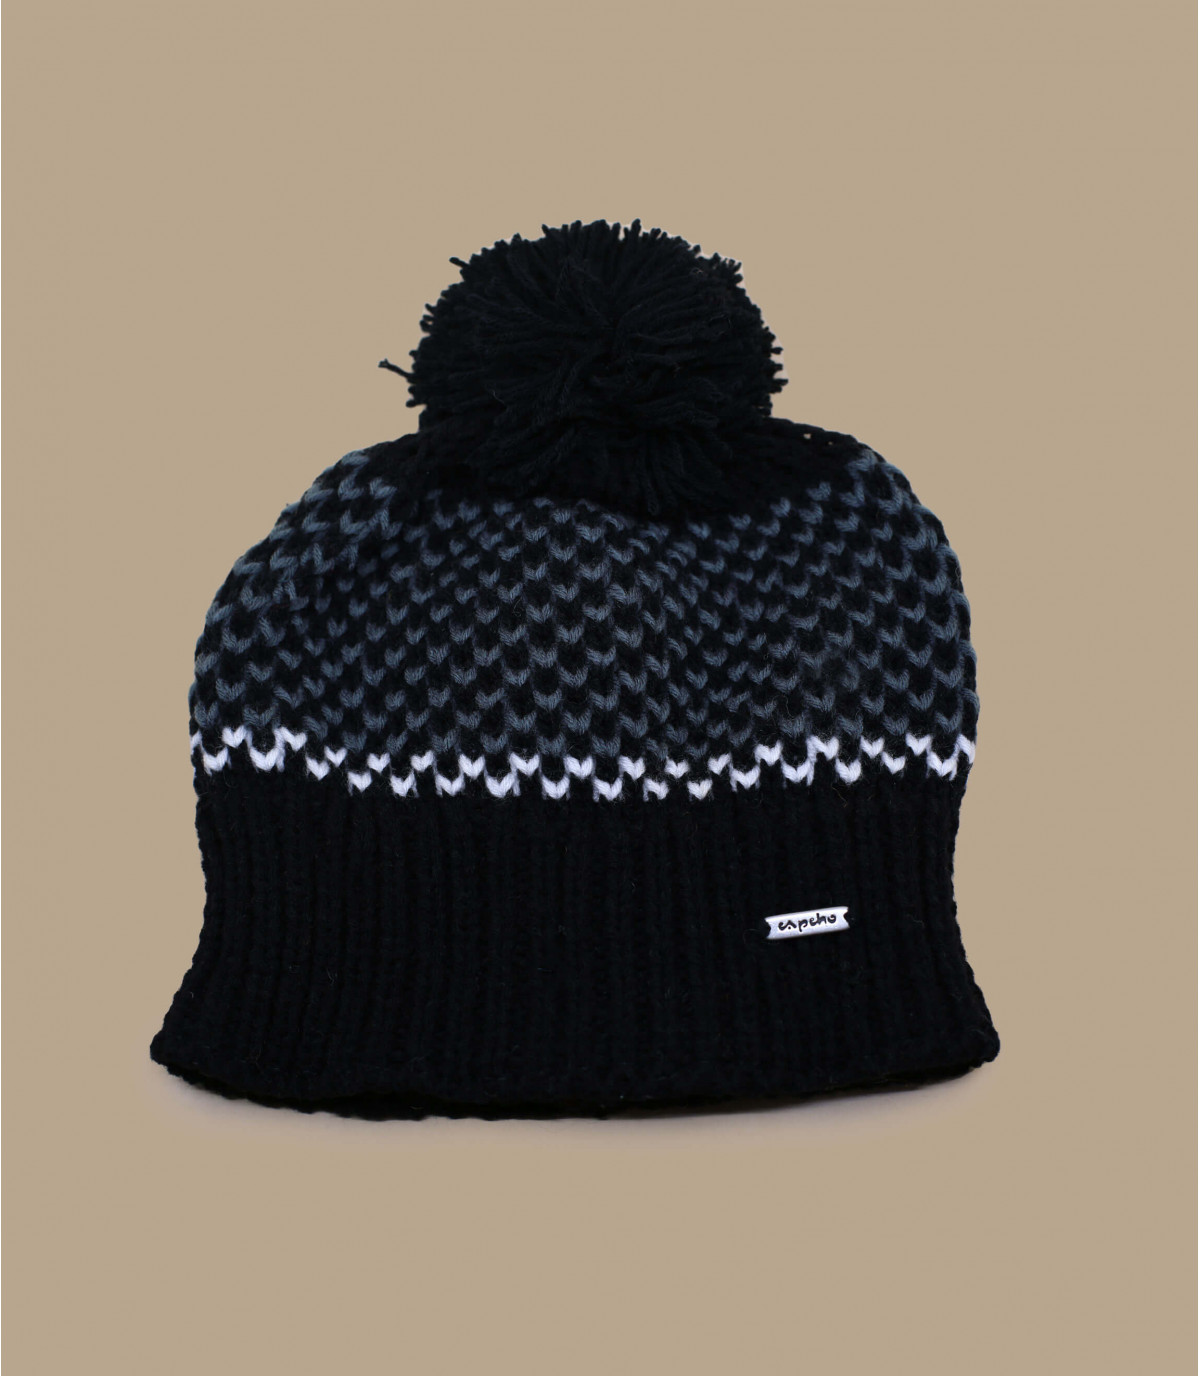 Cappellino con nappina nero Capcho